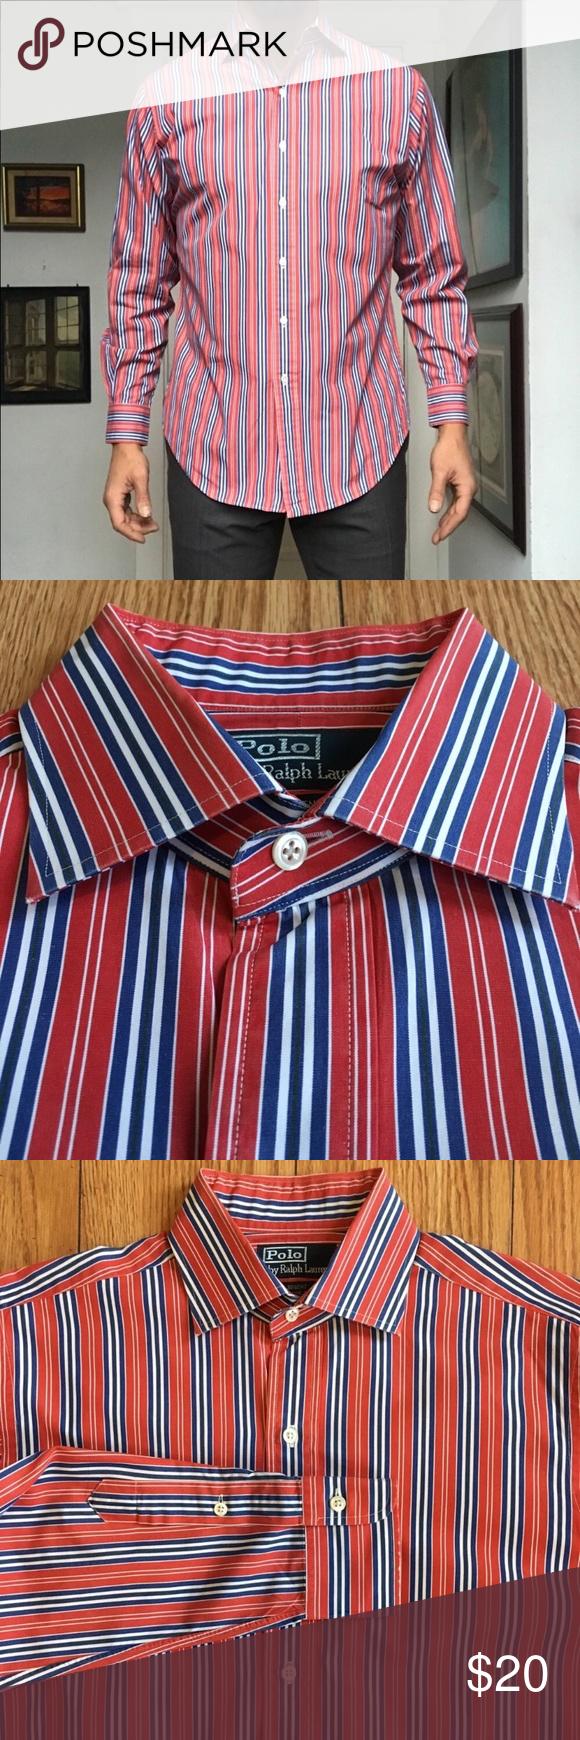 17b5d17616 Polo Ralph Lauren Regent Striped Dress Shirt Polo Ralph Lauren ...